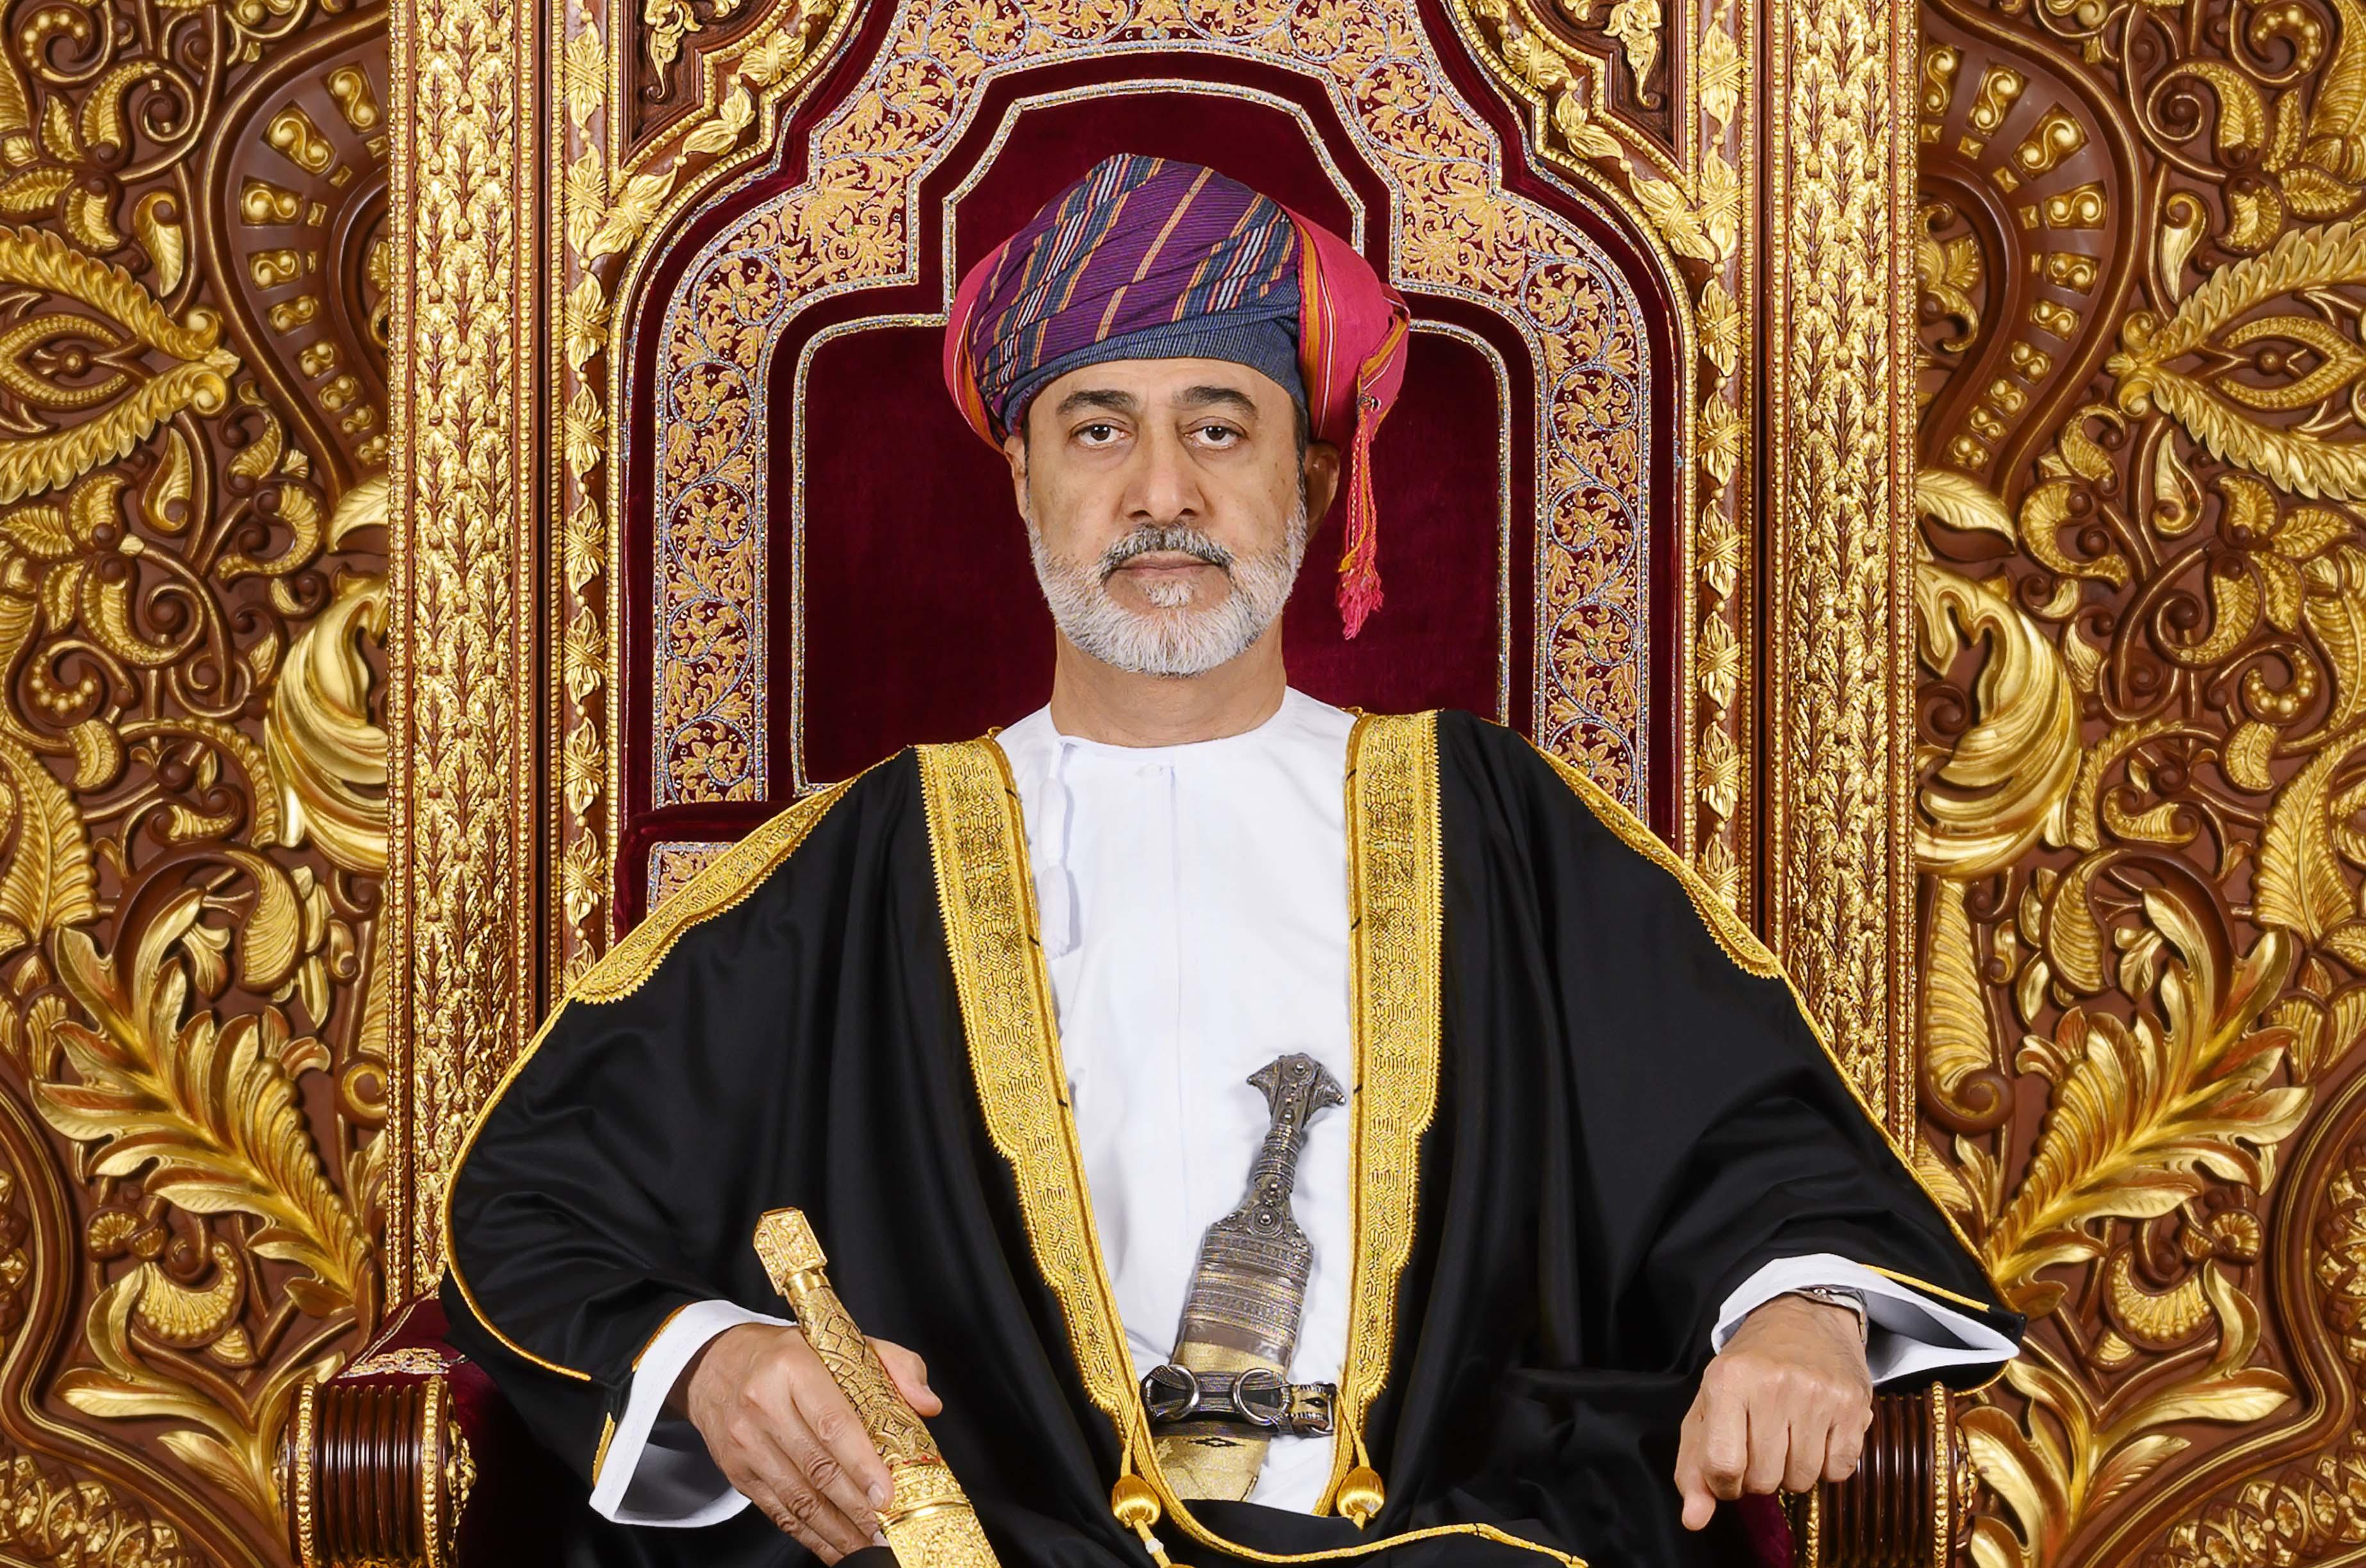 جلالة السلطان يُسدي توجيهاته السامية بتنفيذ مشاريع تنموية بقيمة 300 مليون ريال